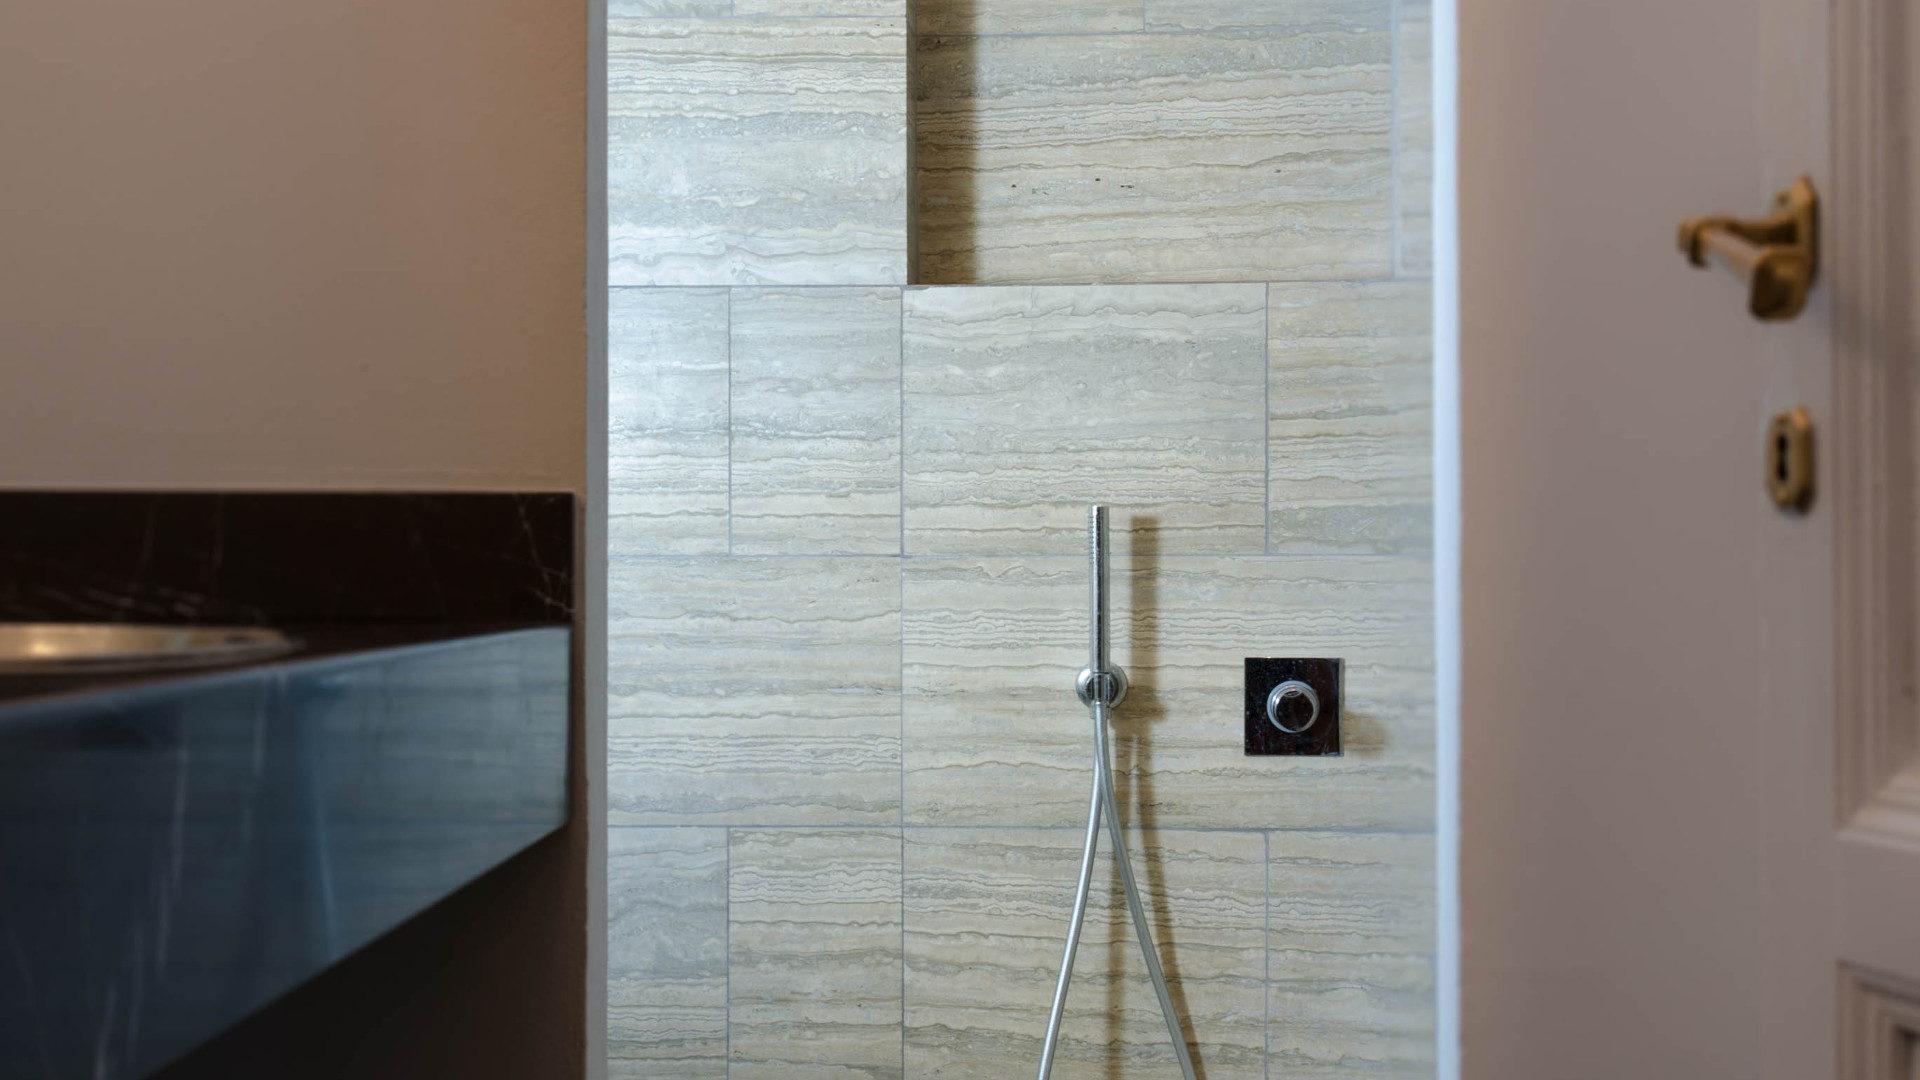 Piastrelle bagno travertino rivestimenti bagno con mosaico piastrelle vetro musis design for Rivestimenti bagno classici